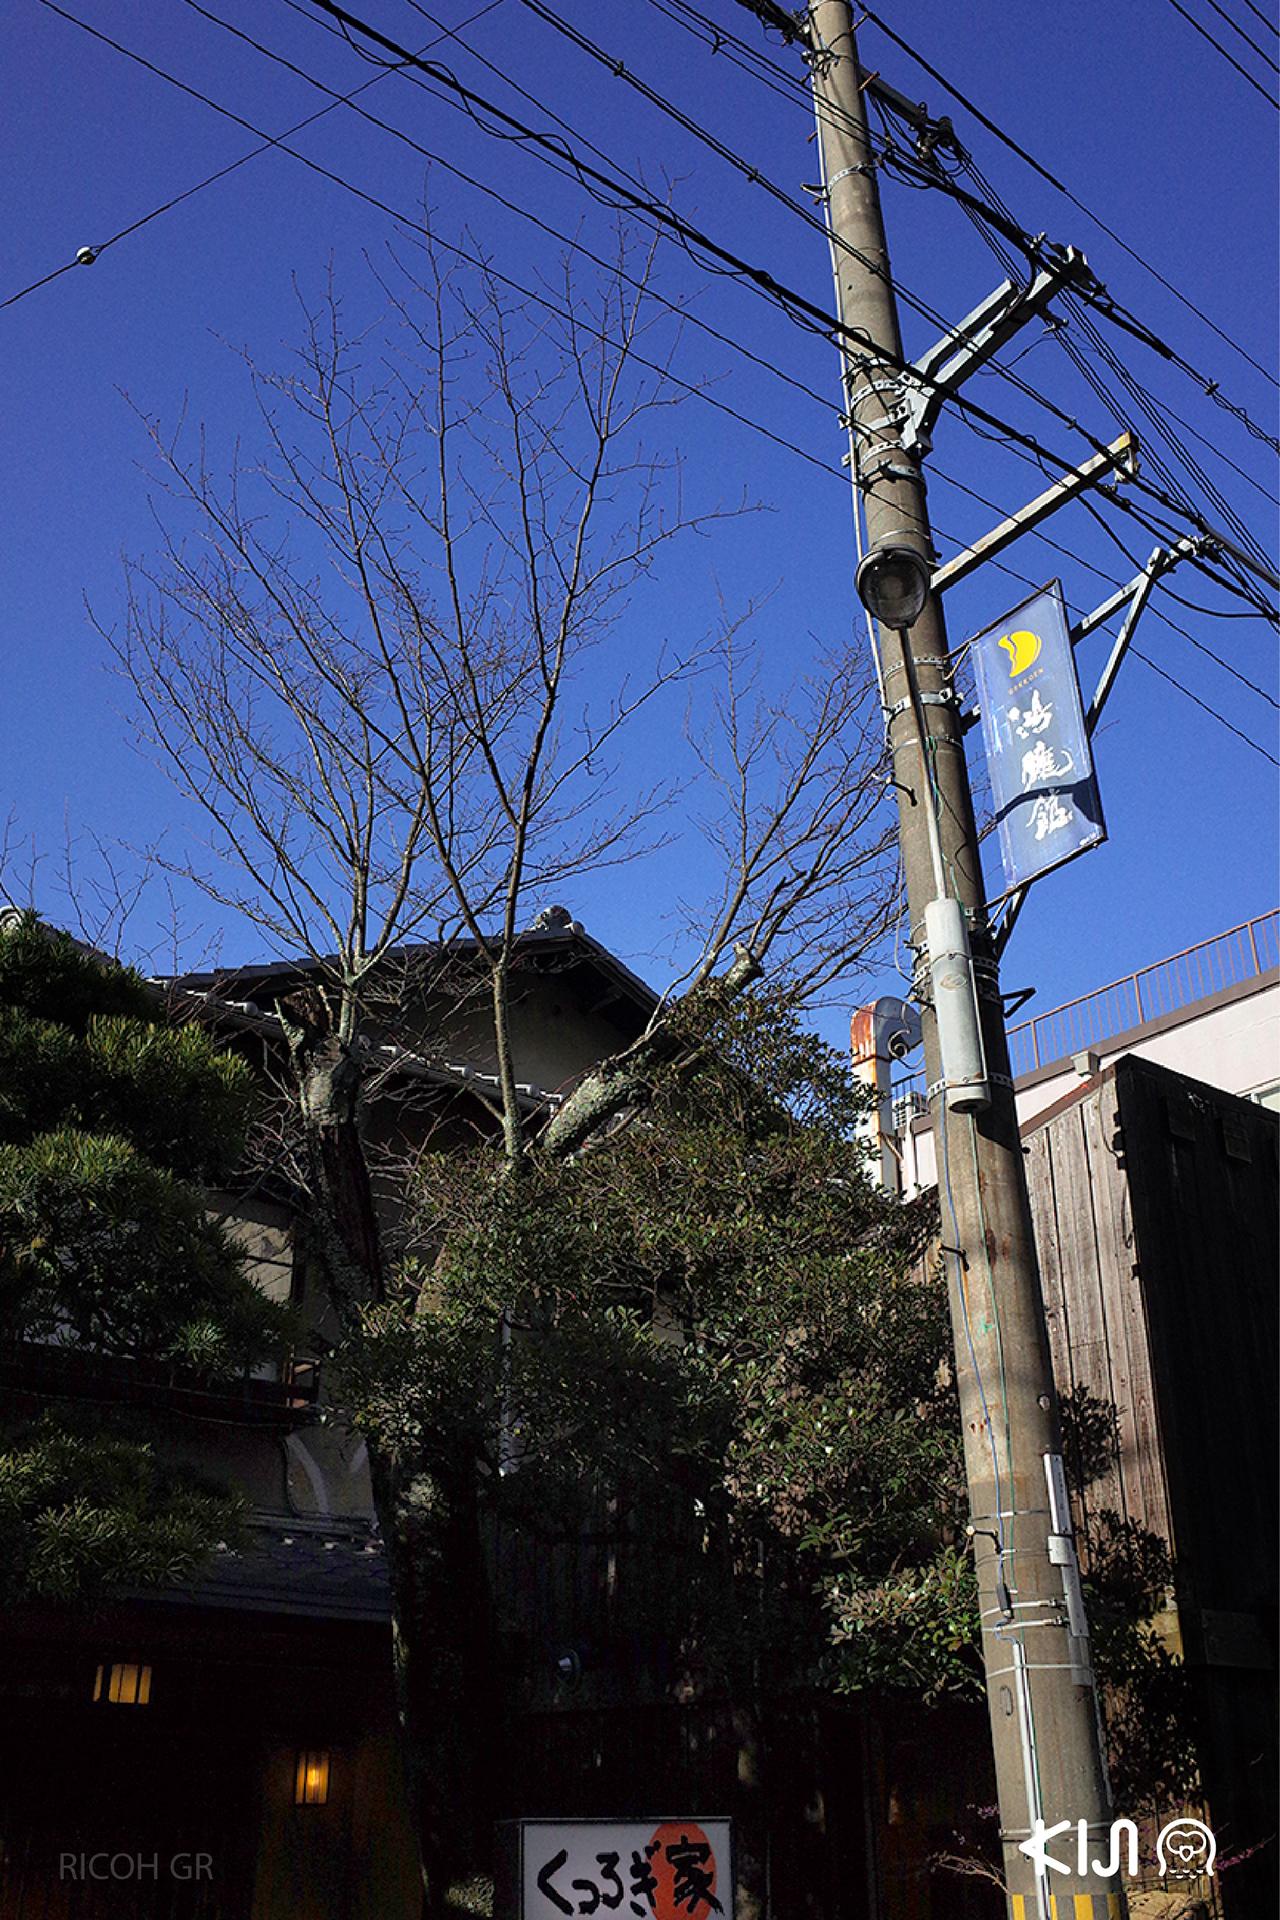 Ricoh GR เที่ยว 'อาริมะออนเซ็น' หมู่บ้านเก่าแก่ของจังหวัดเฮียวโงะ